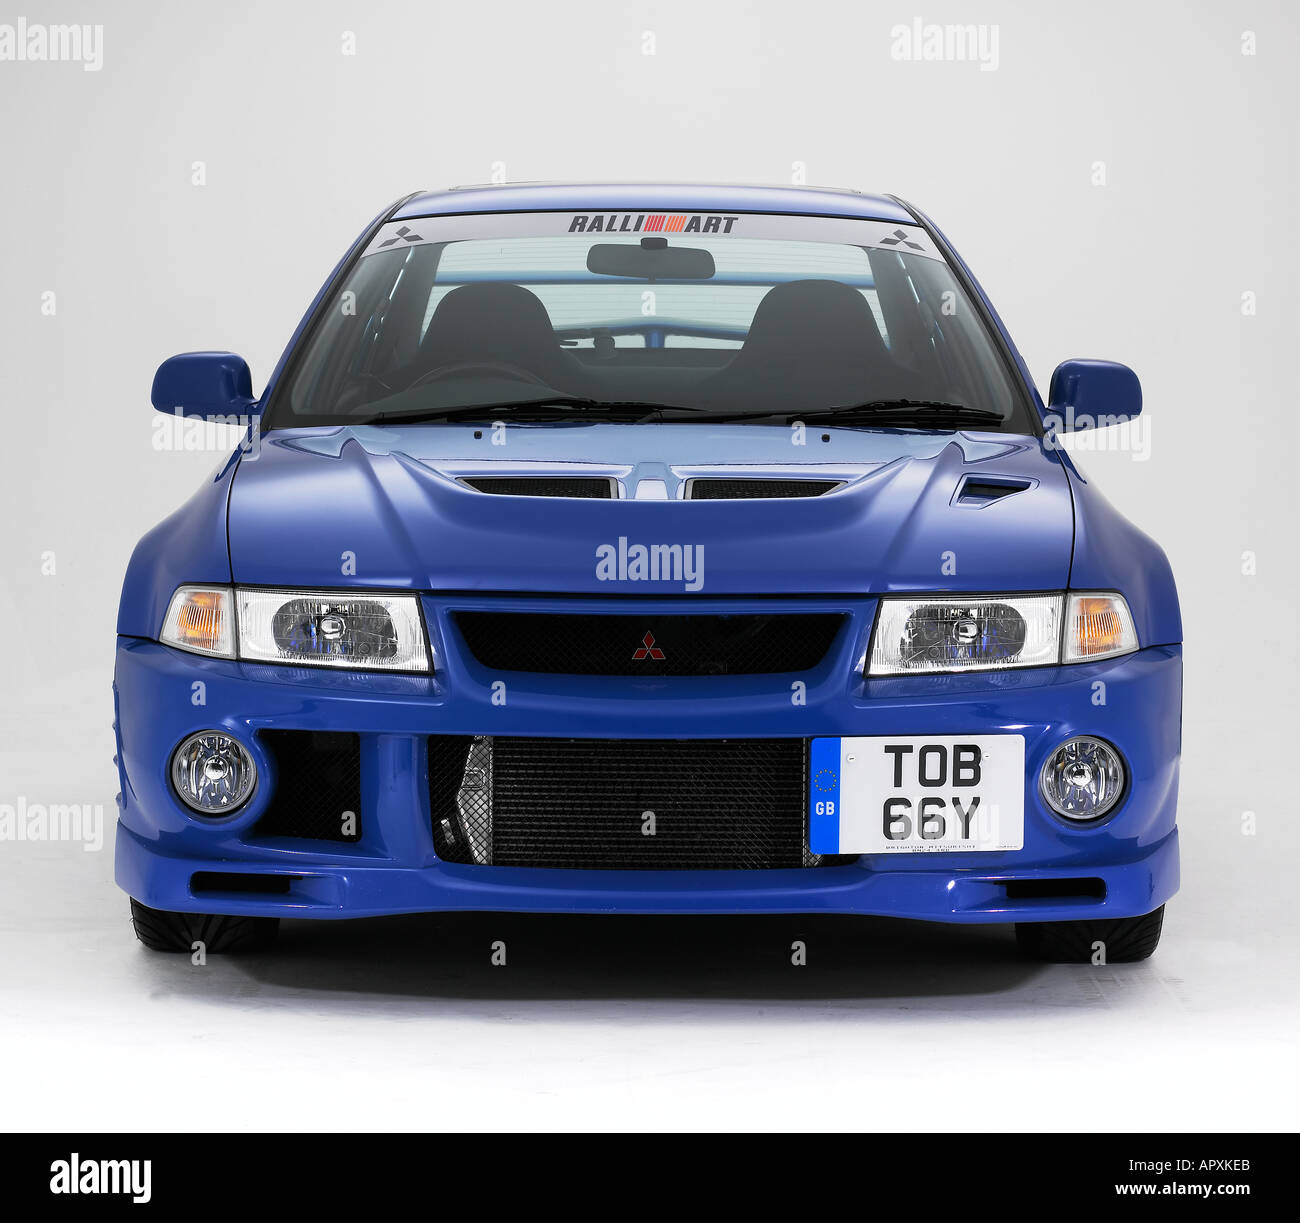 1999 Mitsubishi Evo 6 Stock Photo: 5184490 - Alamy